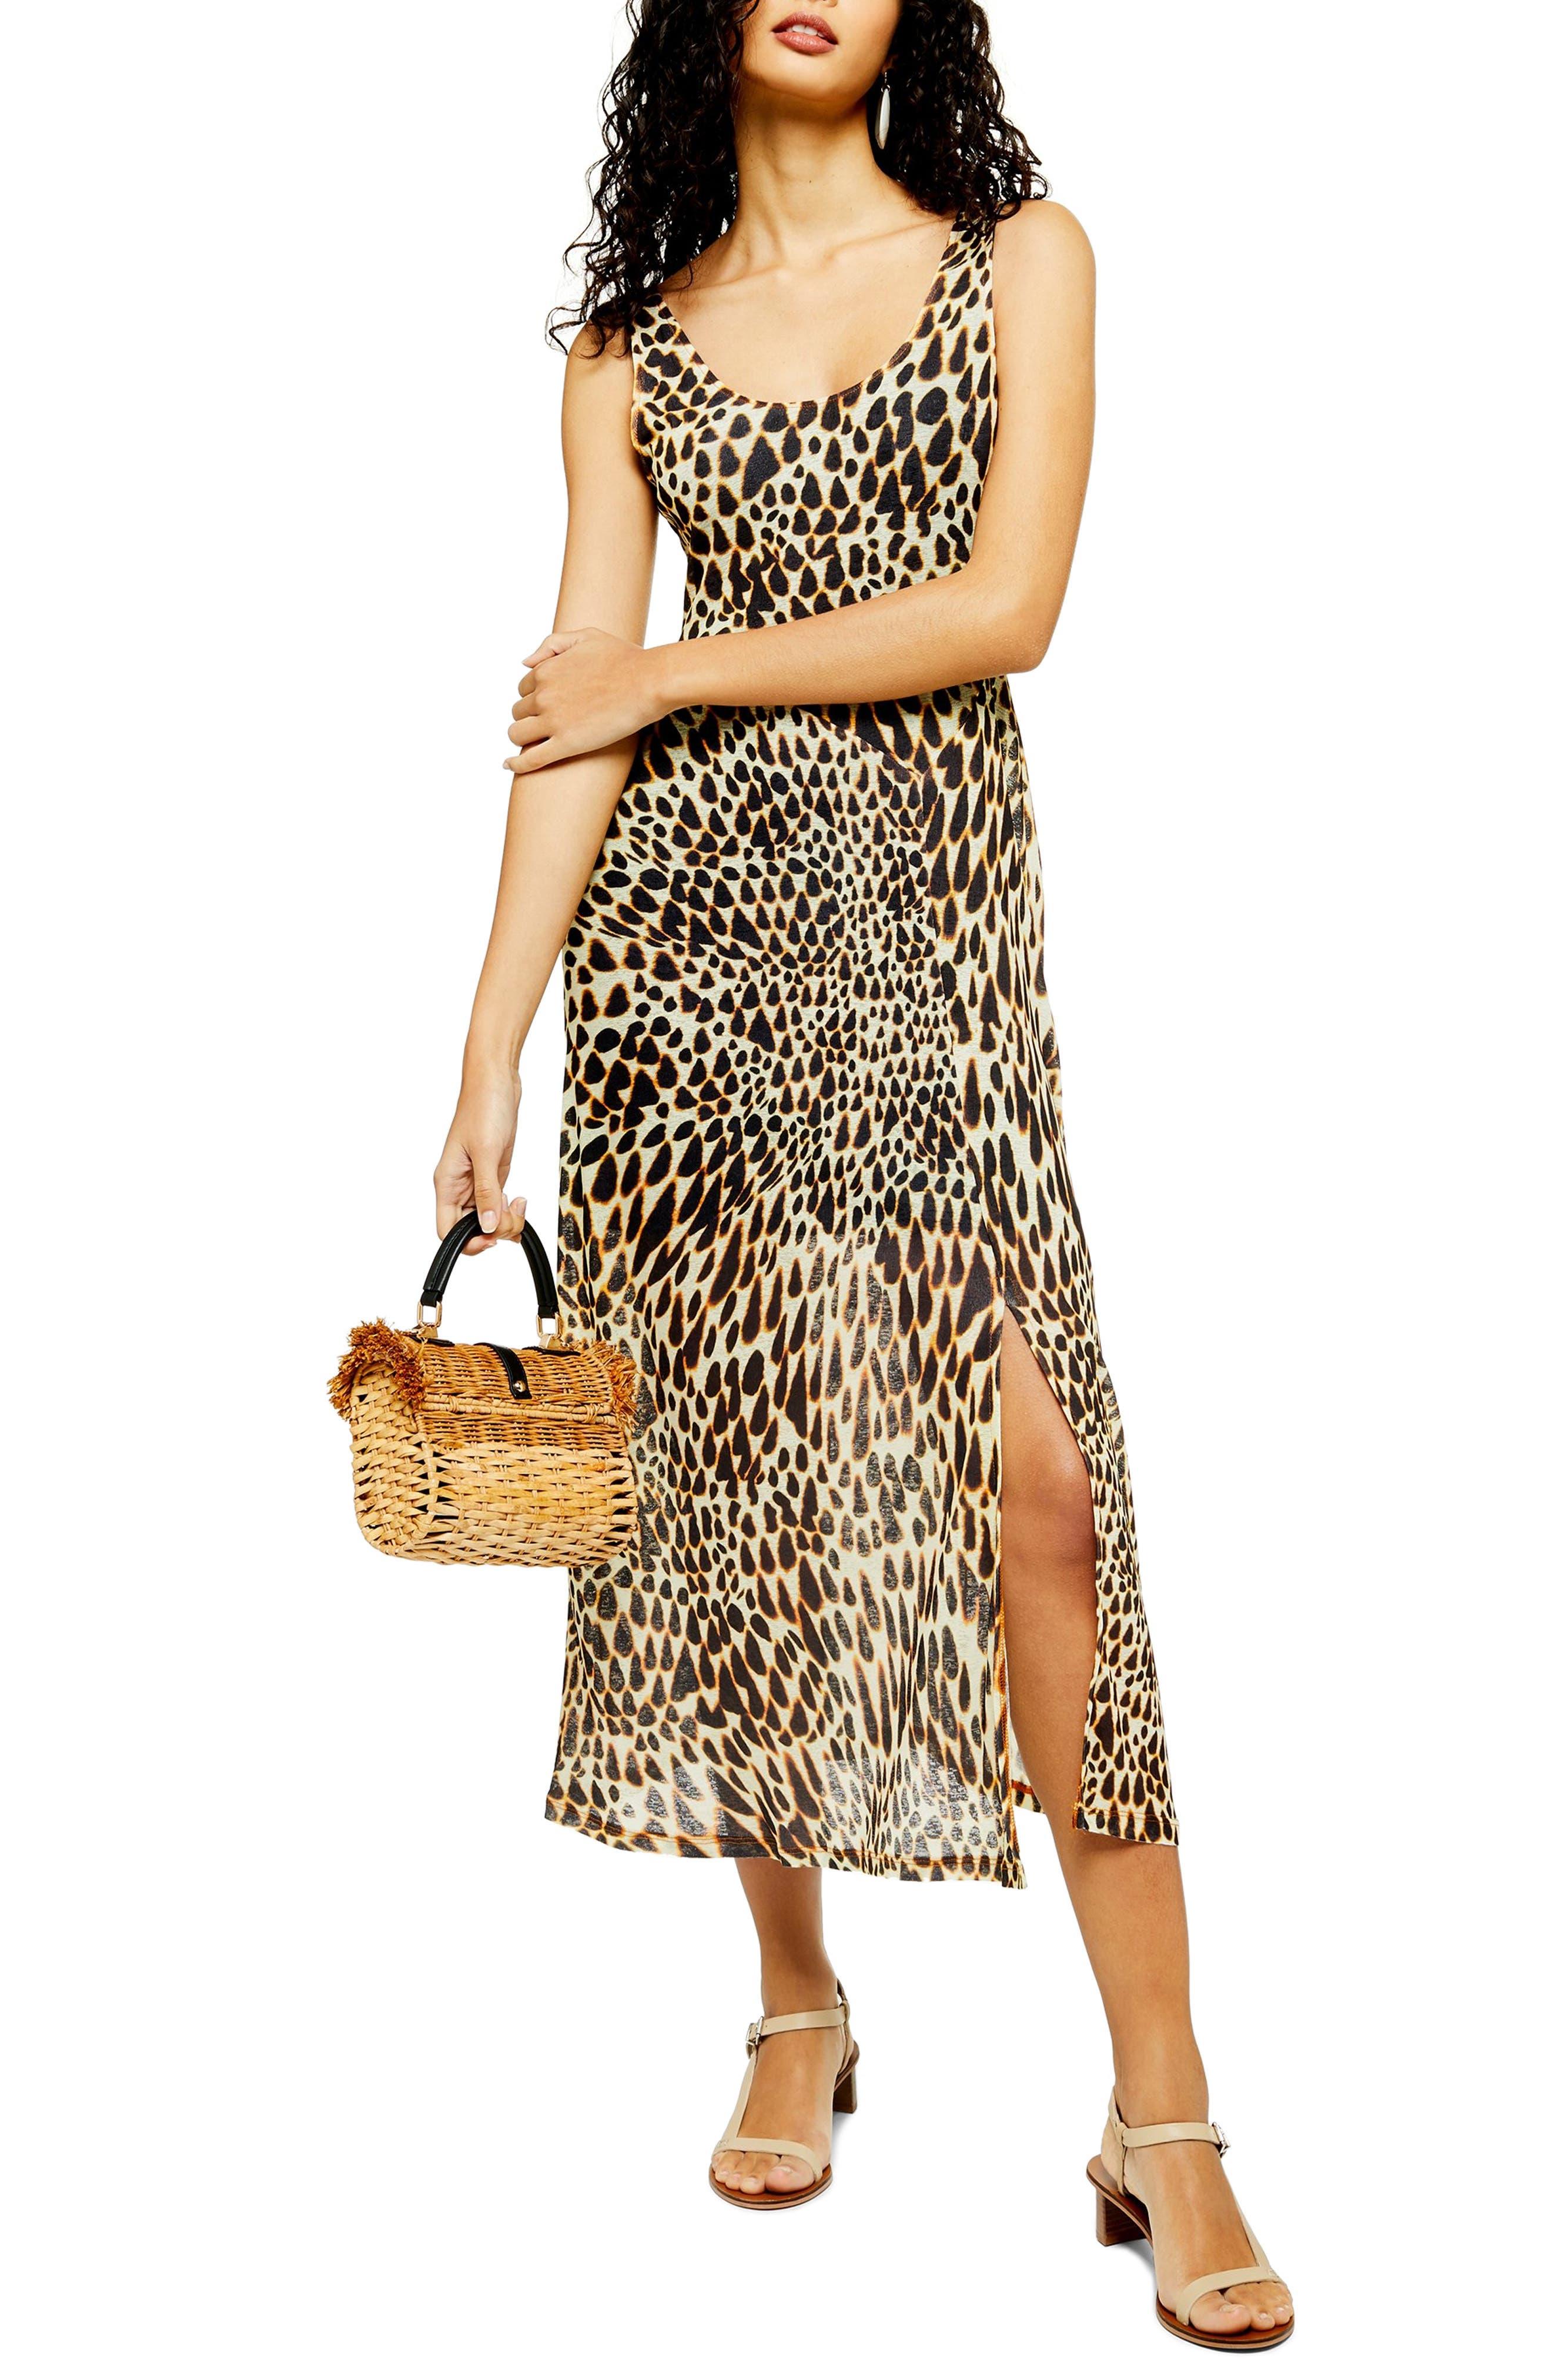 Topshop Animal Print Midi Dress, US (fits like 14) - Ivory